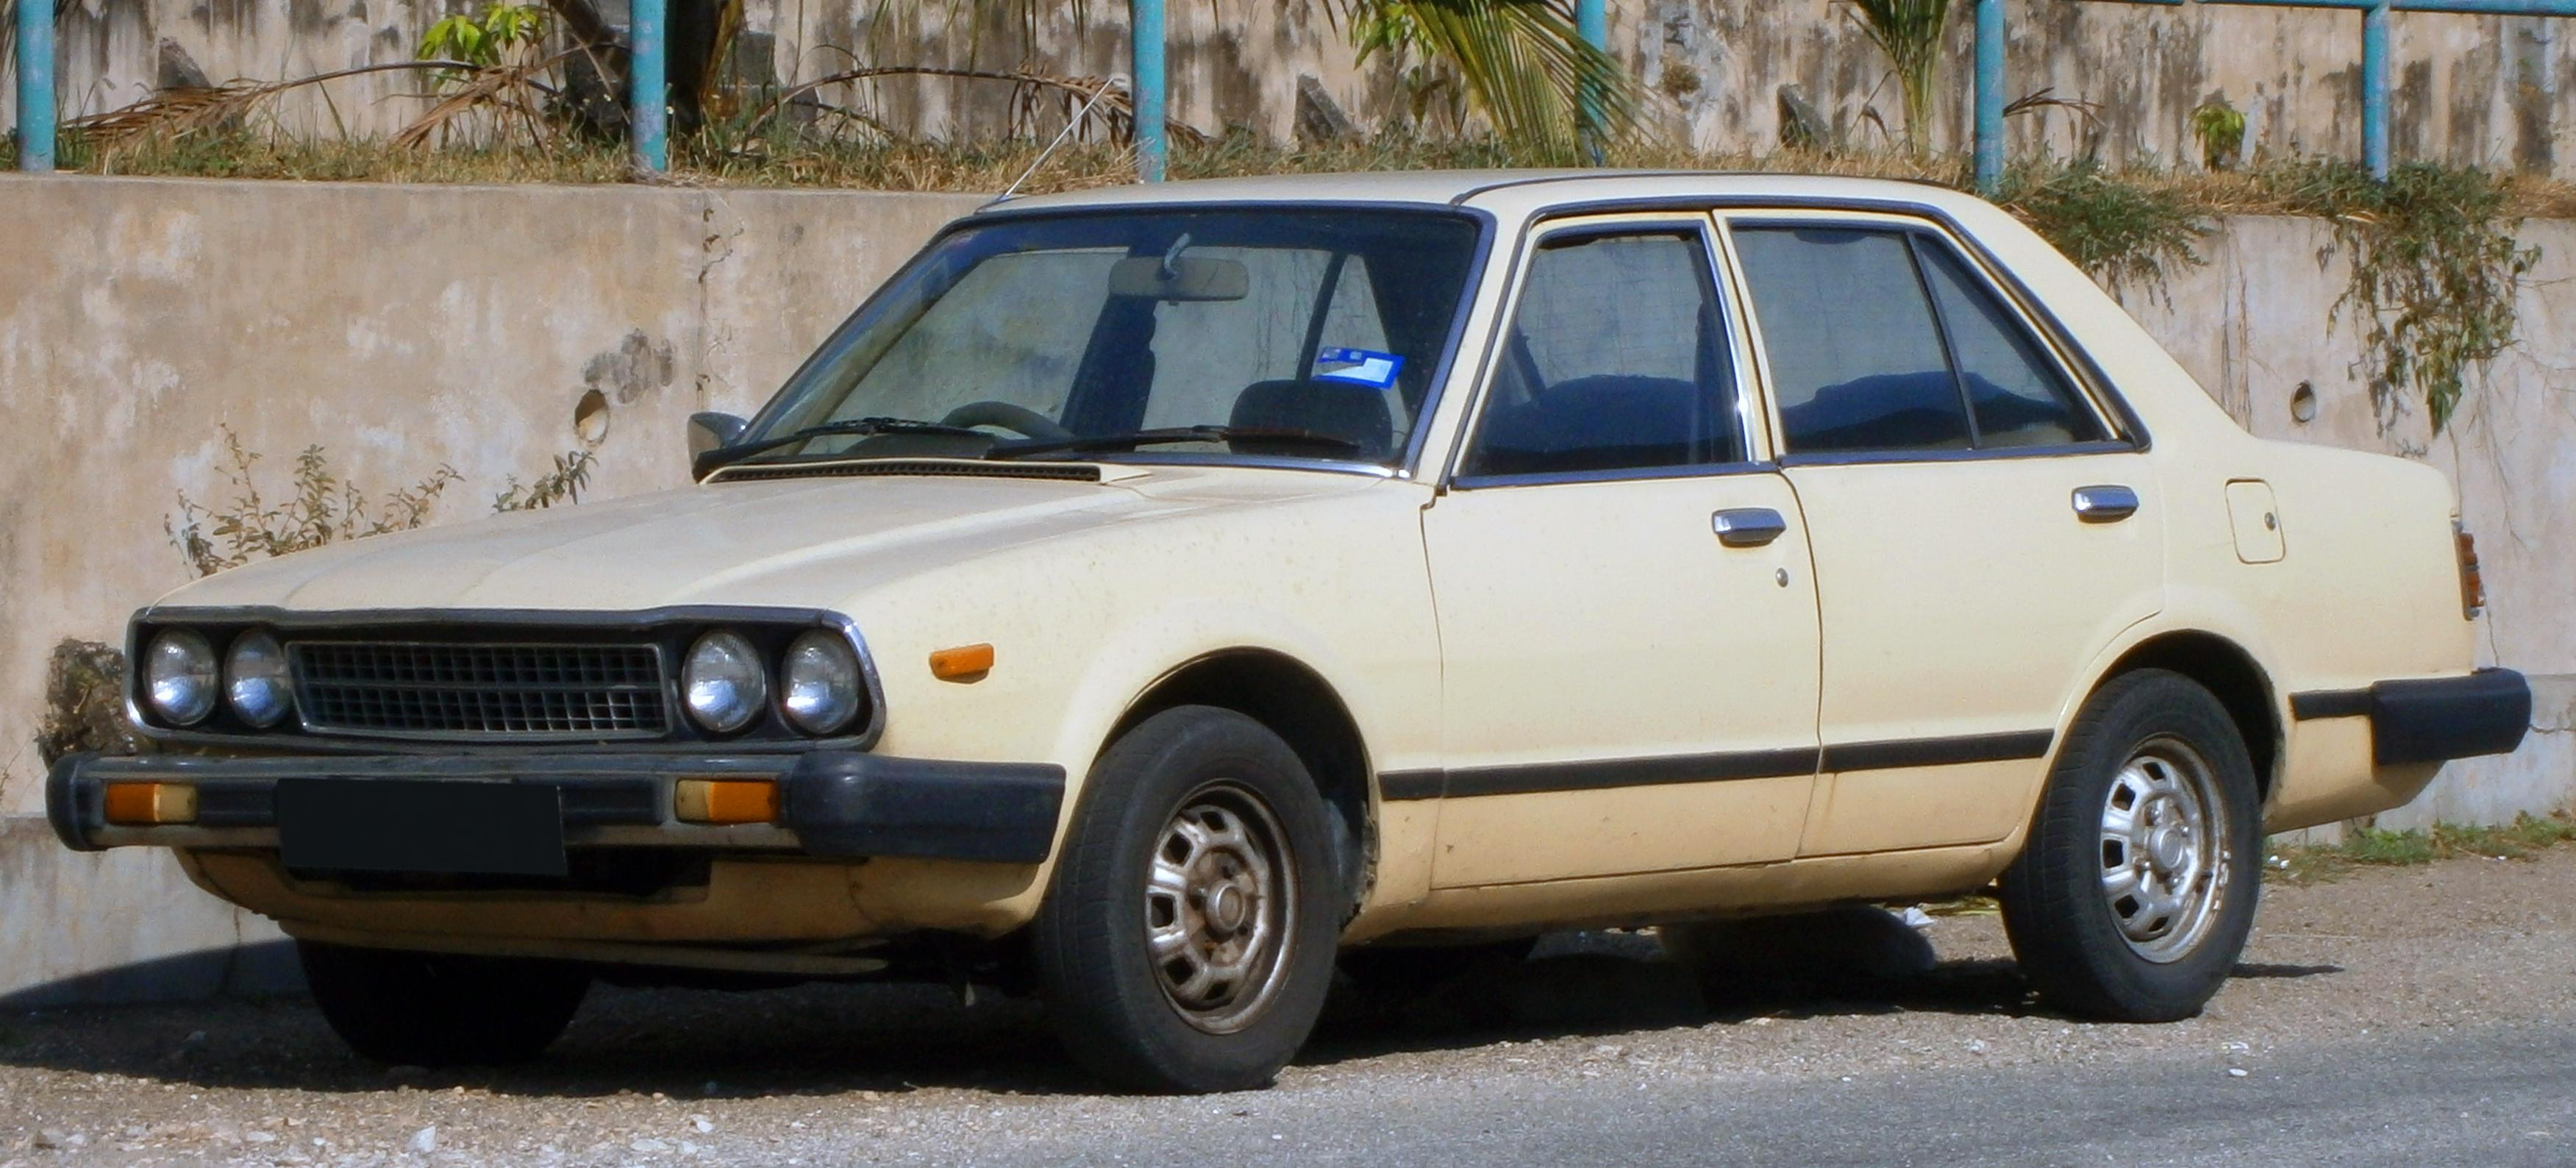 File:1981 Honda Accord saloon in Ipoh, Malaysia (01).jpg - Wikimedia Commons